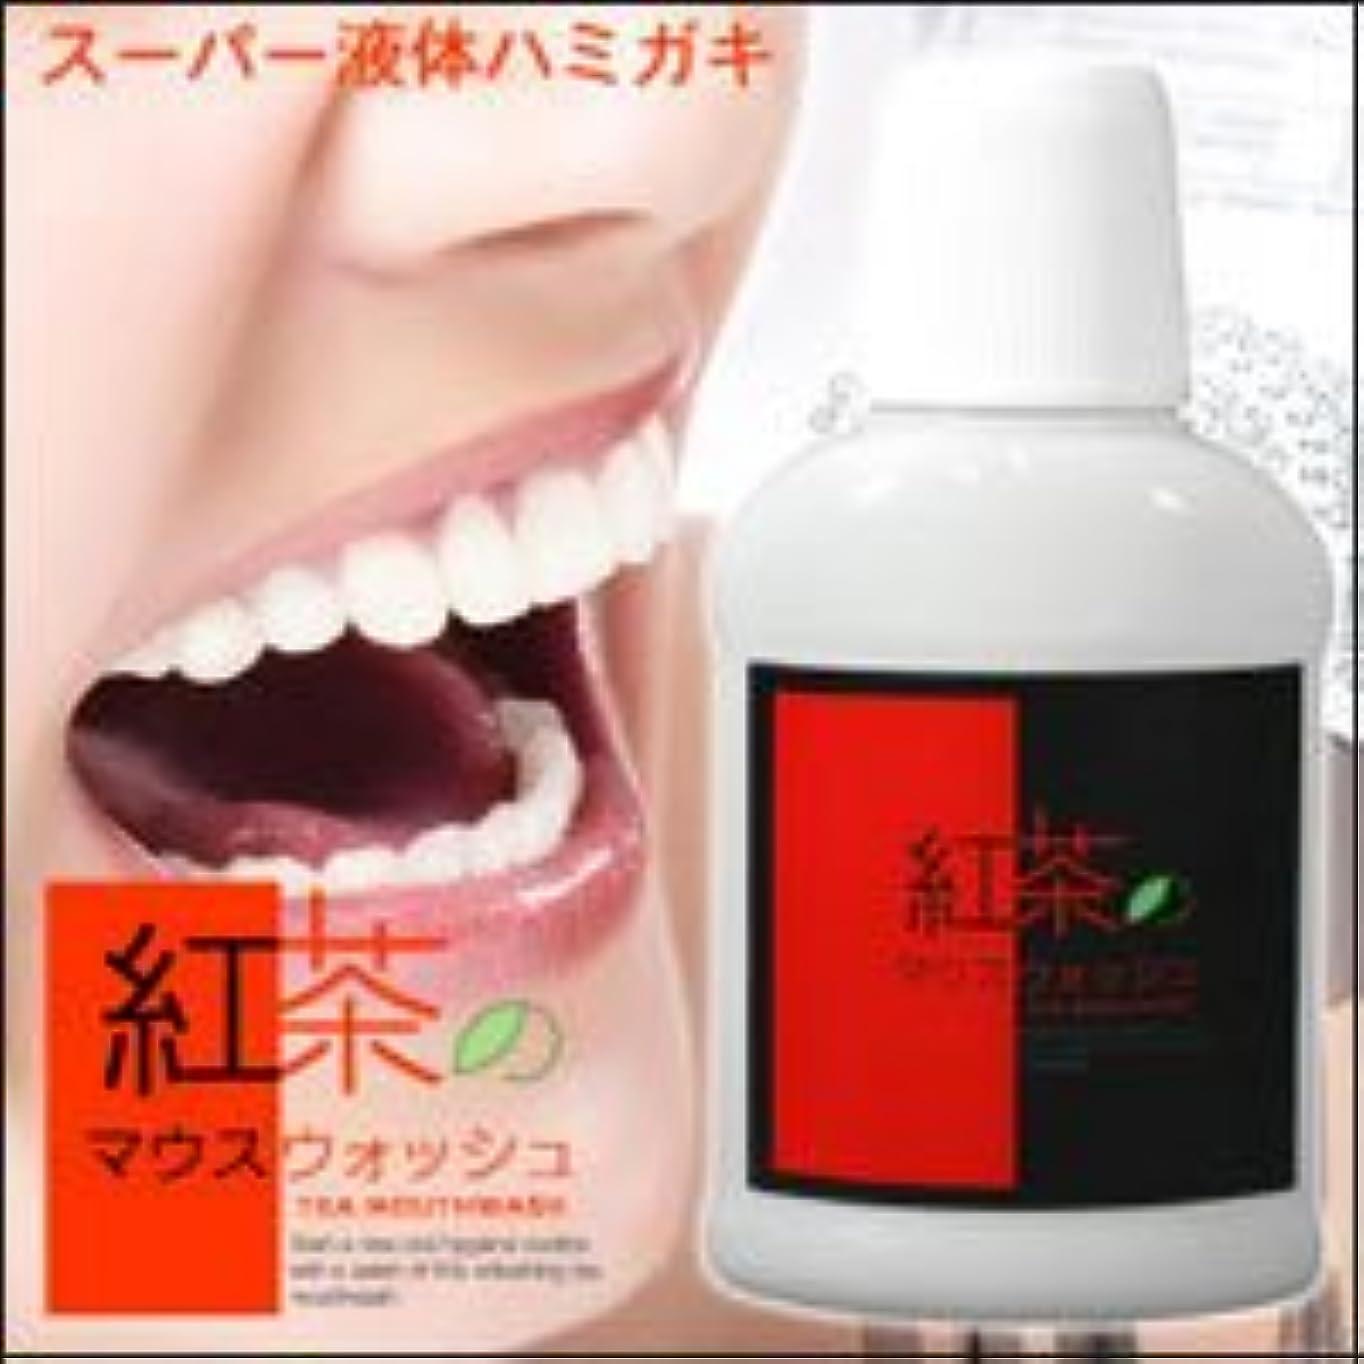 水っぽい消化実際の紅茶のマウスウォッシュ (口臭予防ホワイトニング液体ハミガキ)